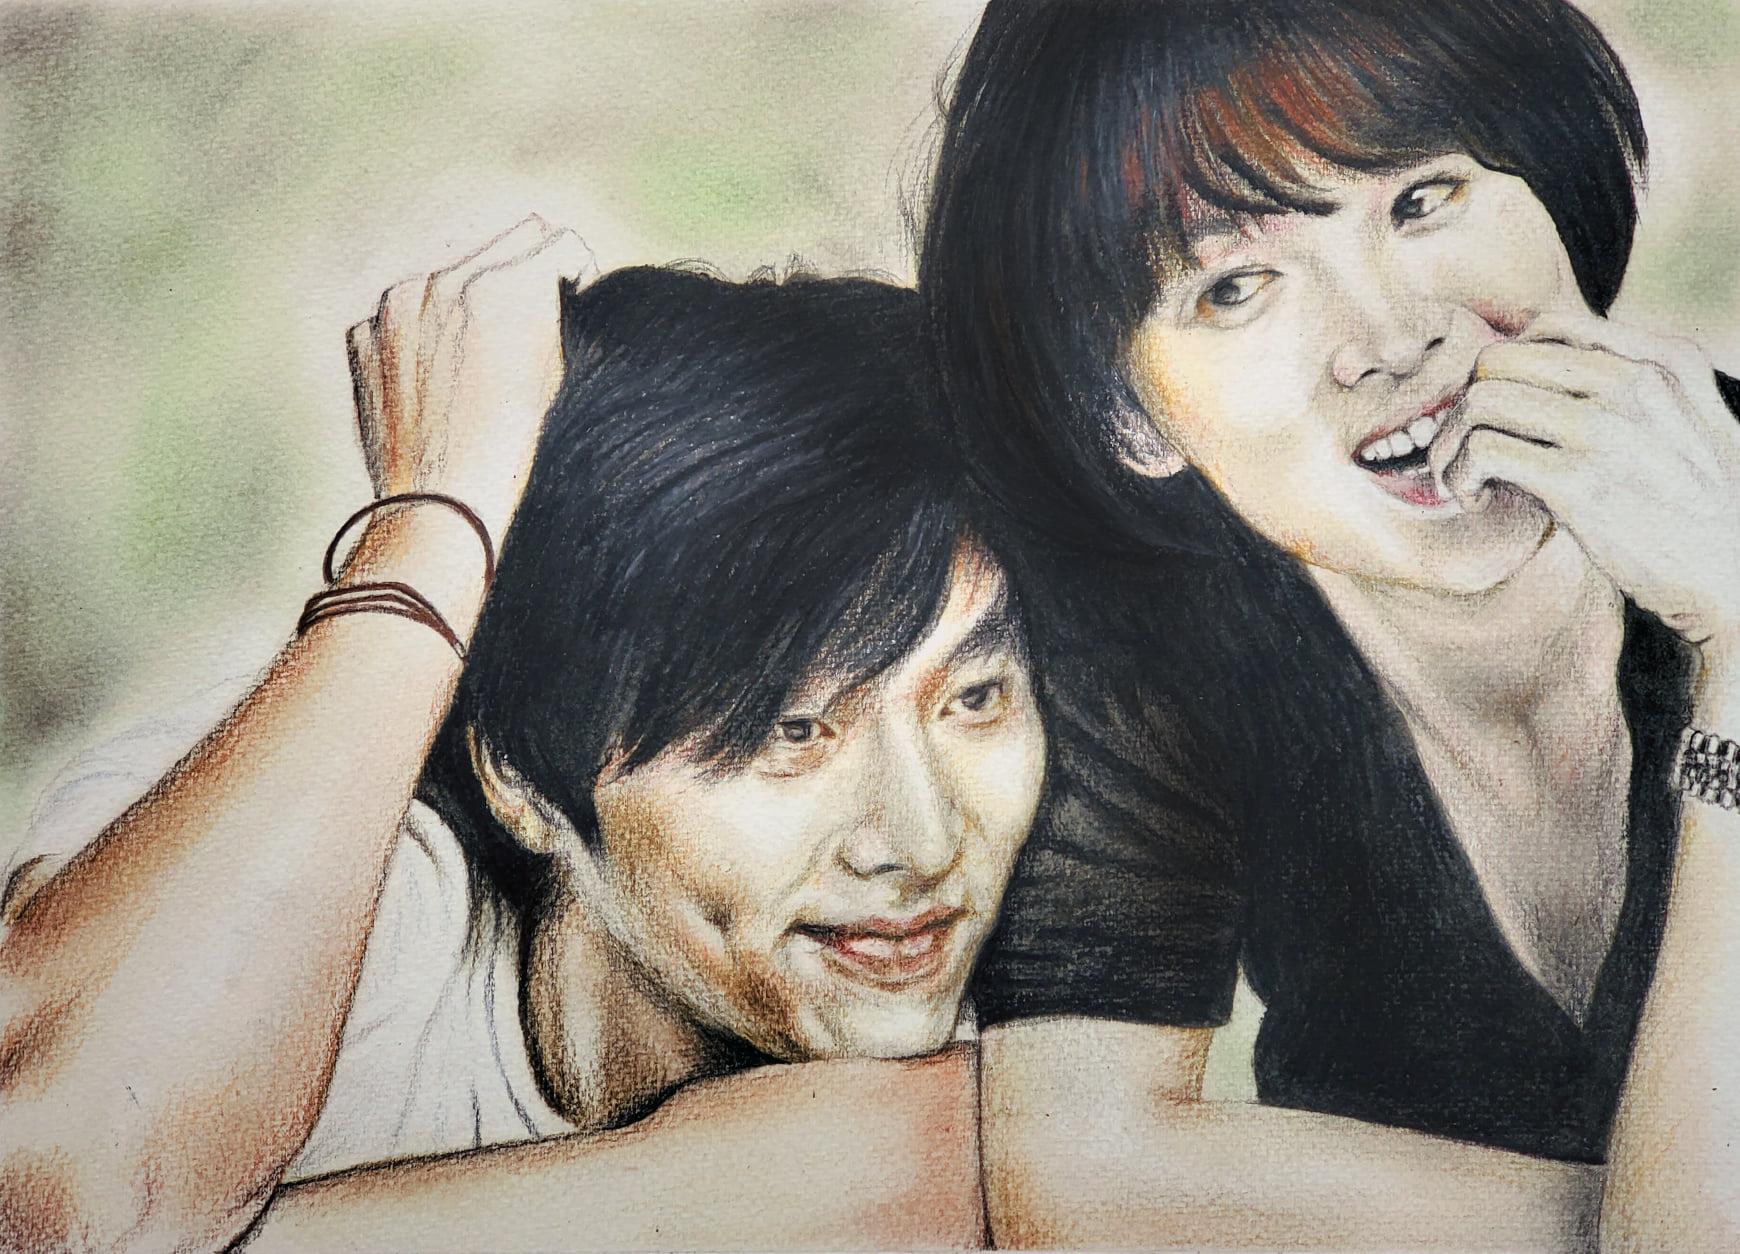 { en: 'Amazing Gallery', cn: ' 藍天畫室' } 2